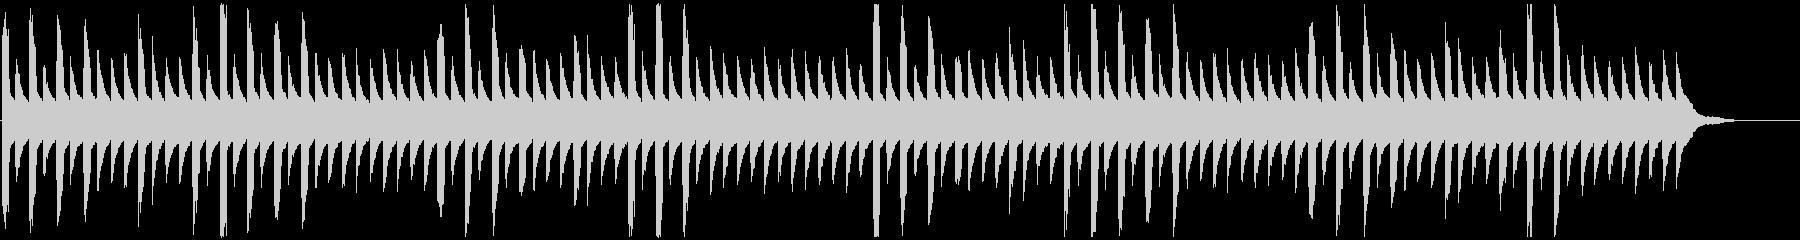 パズル・クエスト等向けエレクトロ曲の未再生の波形